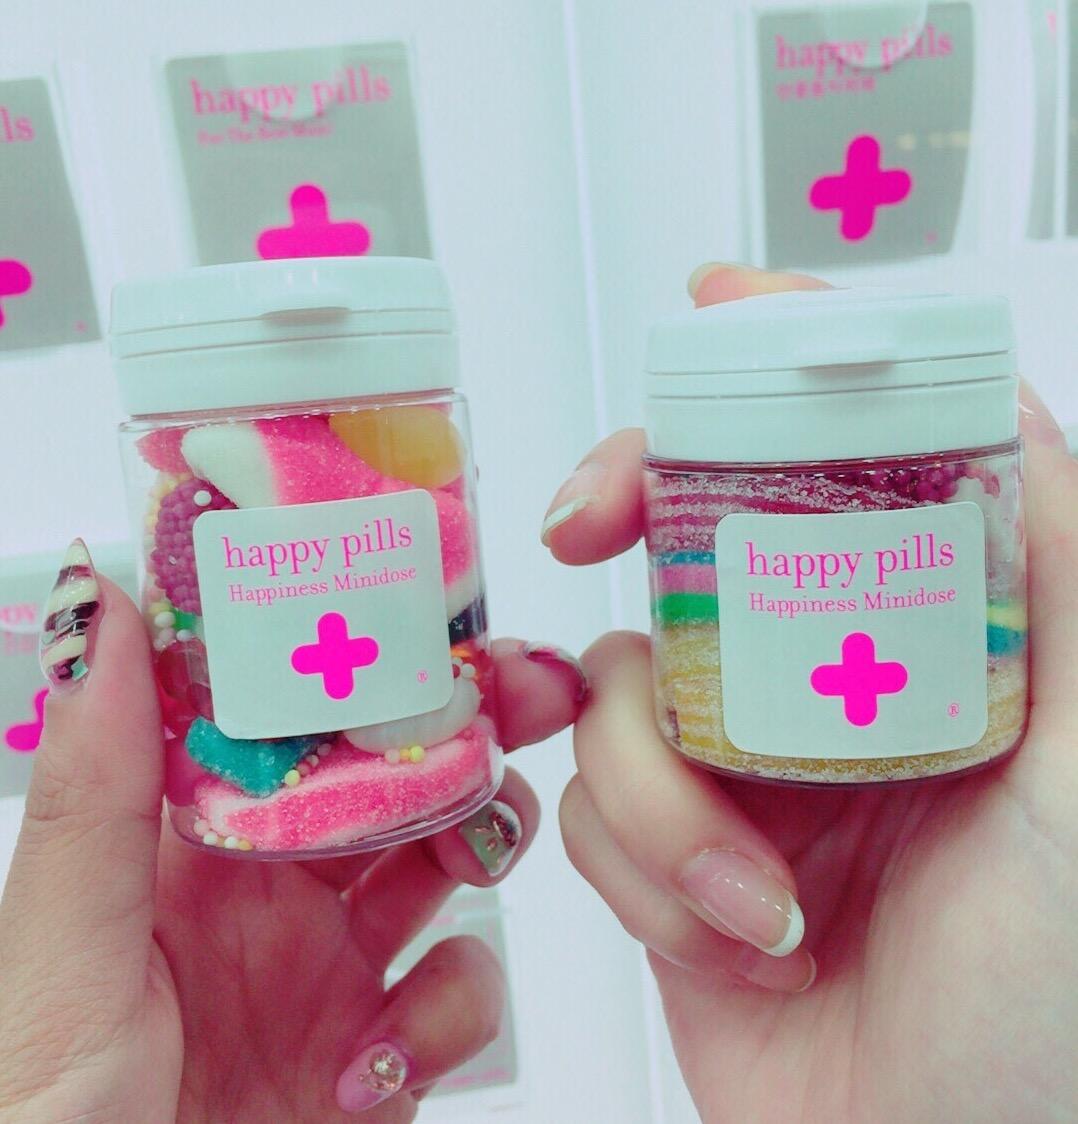 【韓国釜山】Happy pills*ハッピーピルズ